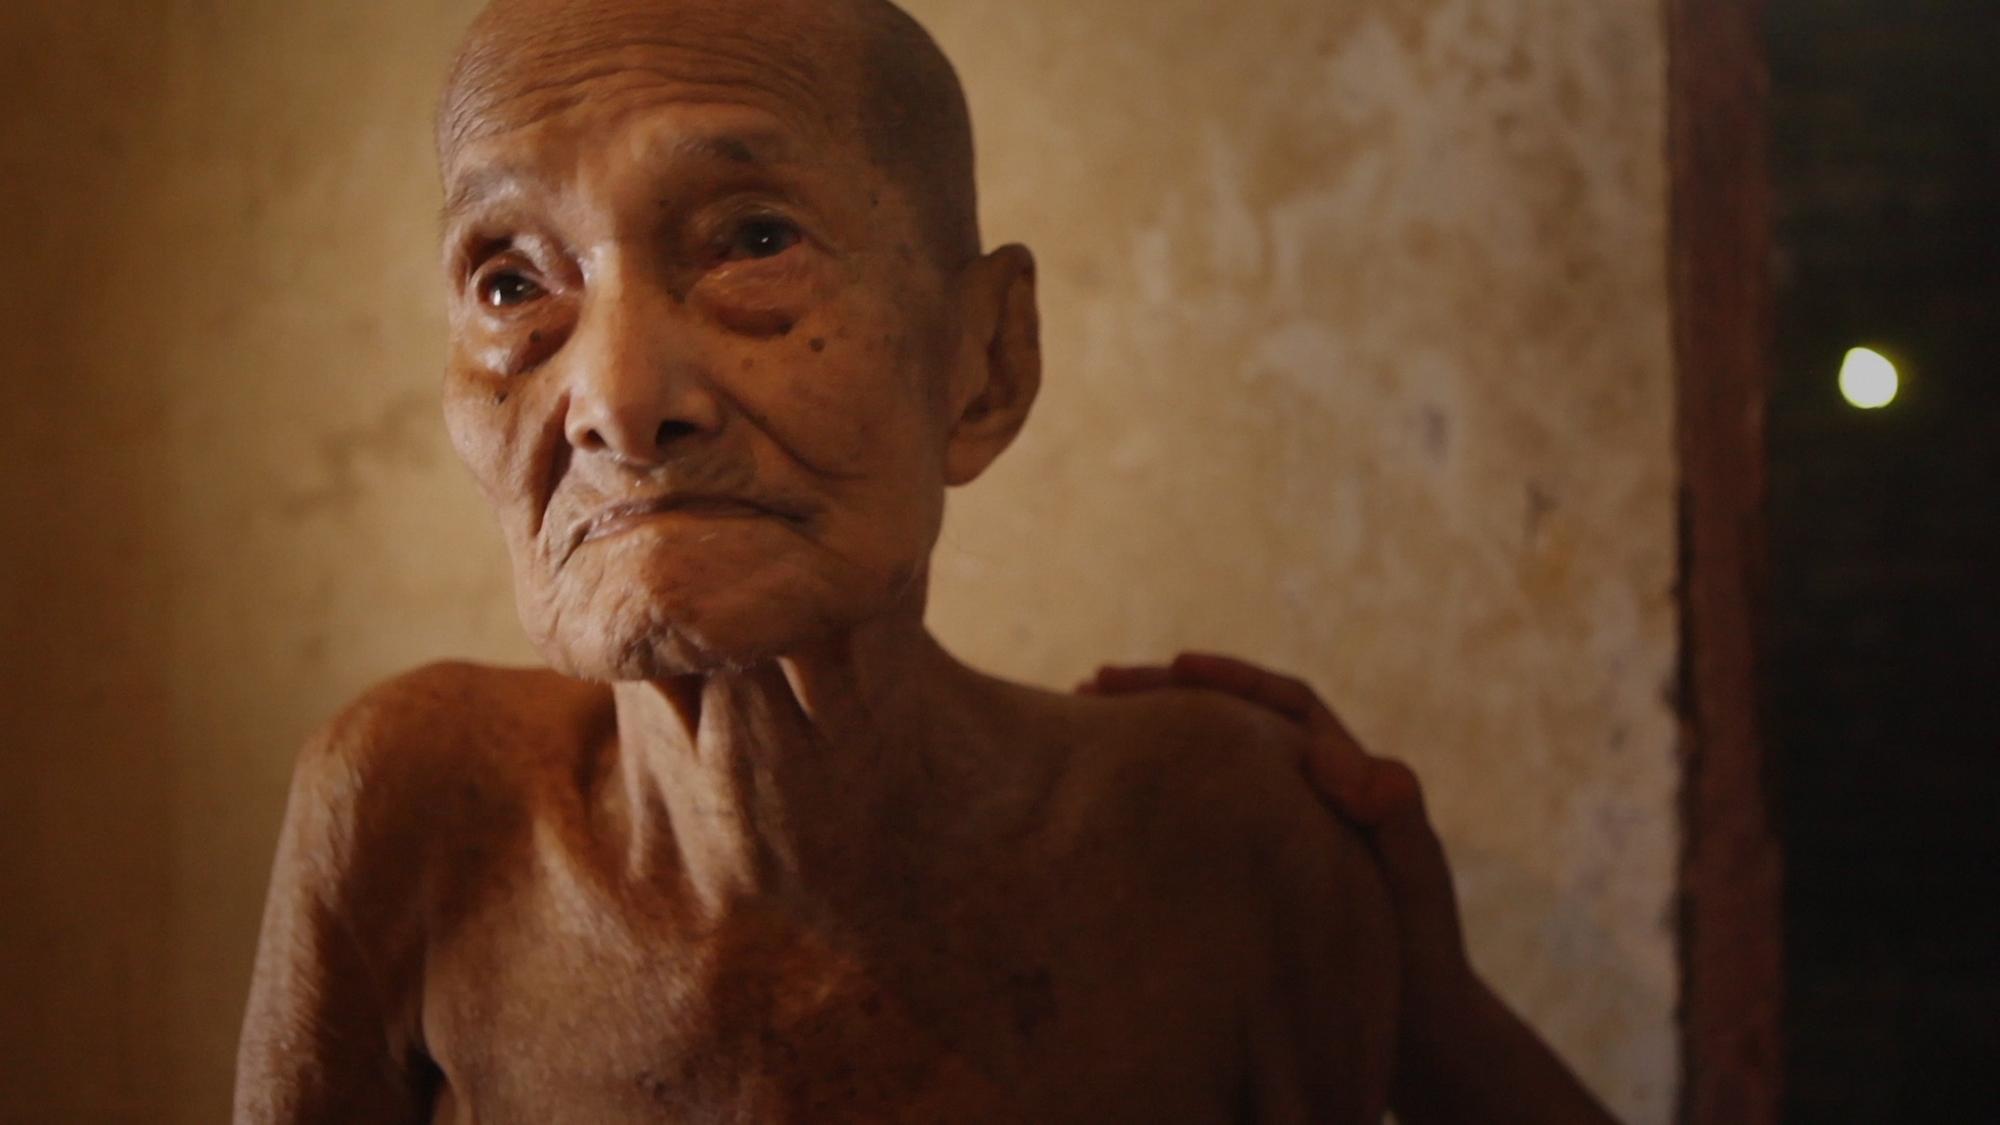 look-of-silence-dogwoof-documentary-3.jpg